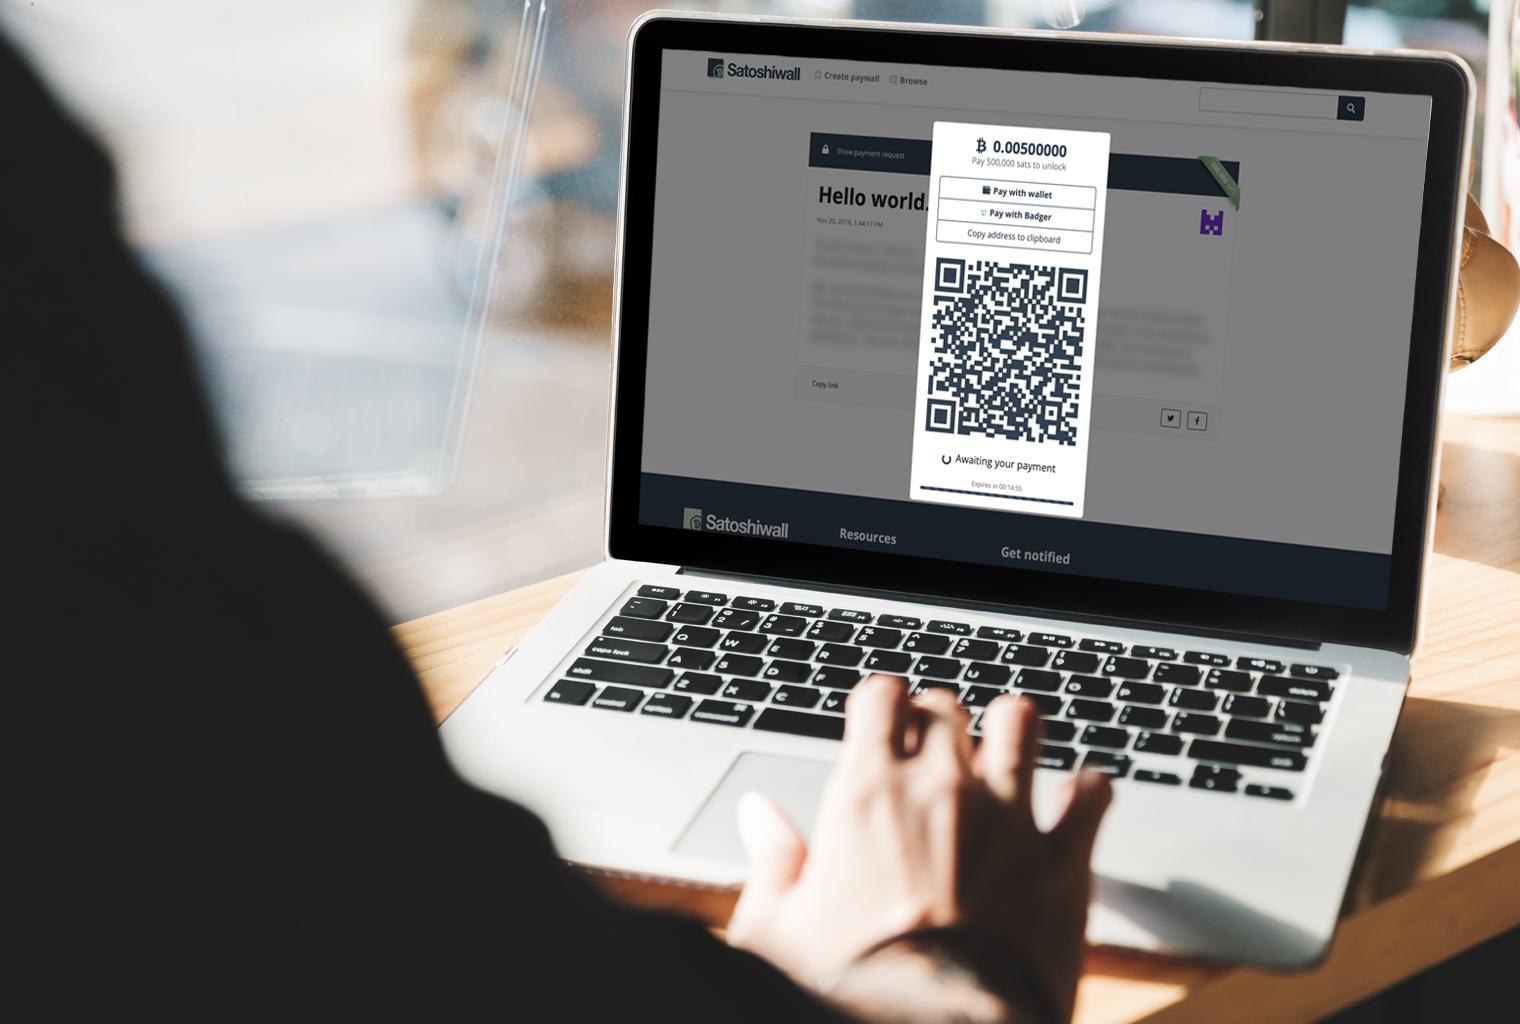 El desarrollador lanza el servicio de Paywall impulsado por BCH